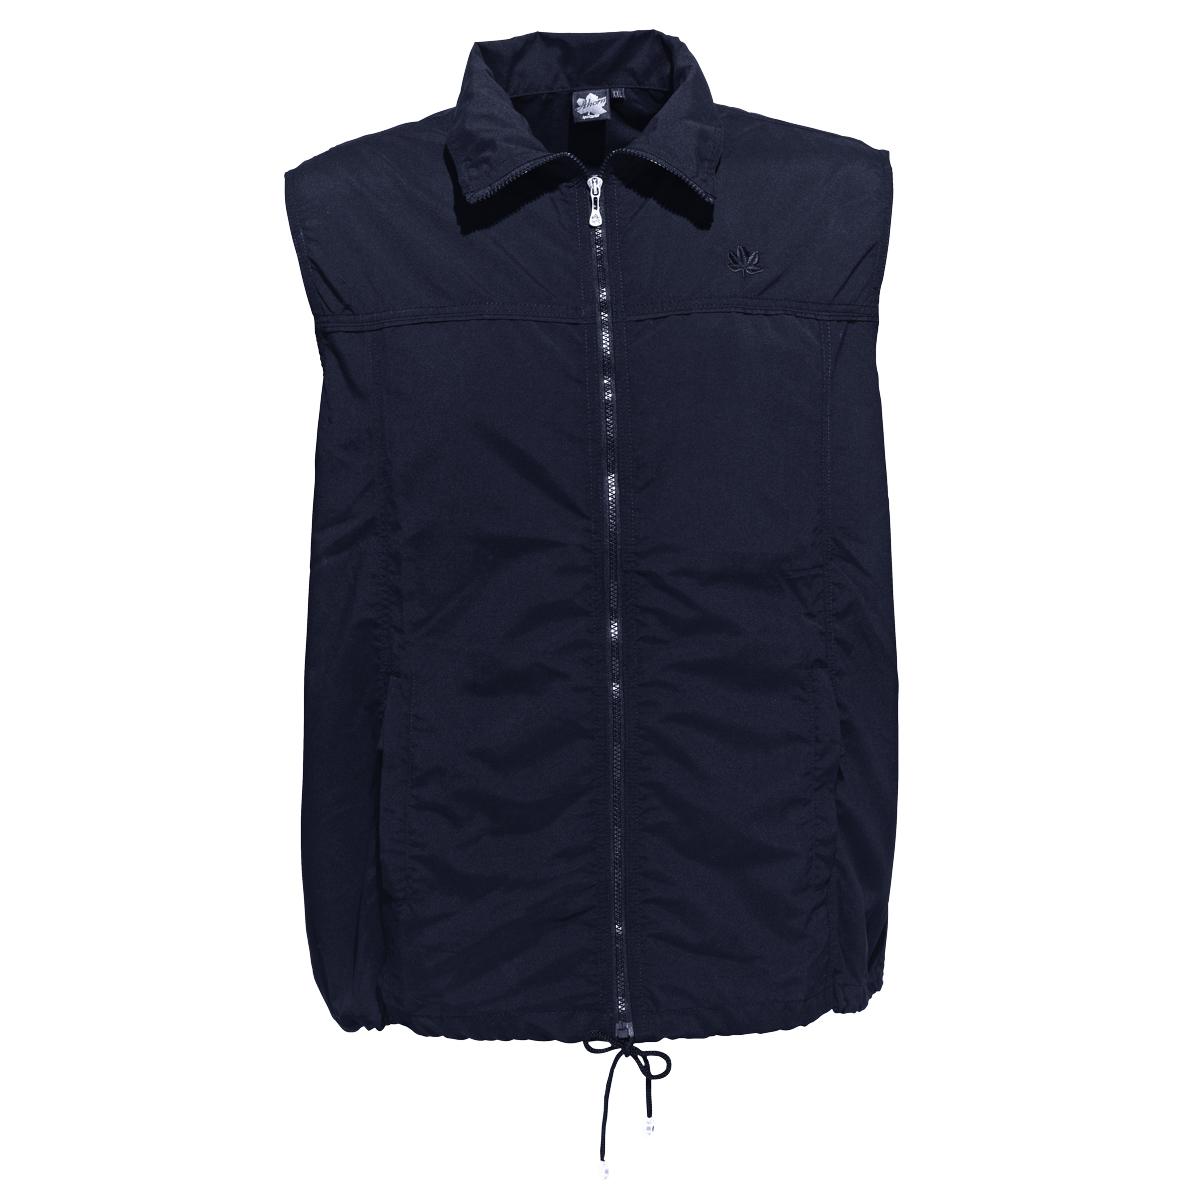 Ahorn Sportswear leichte Weste dunkelblau /Übergr/ö/ße